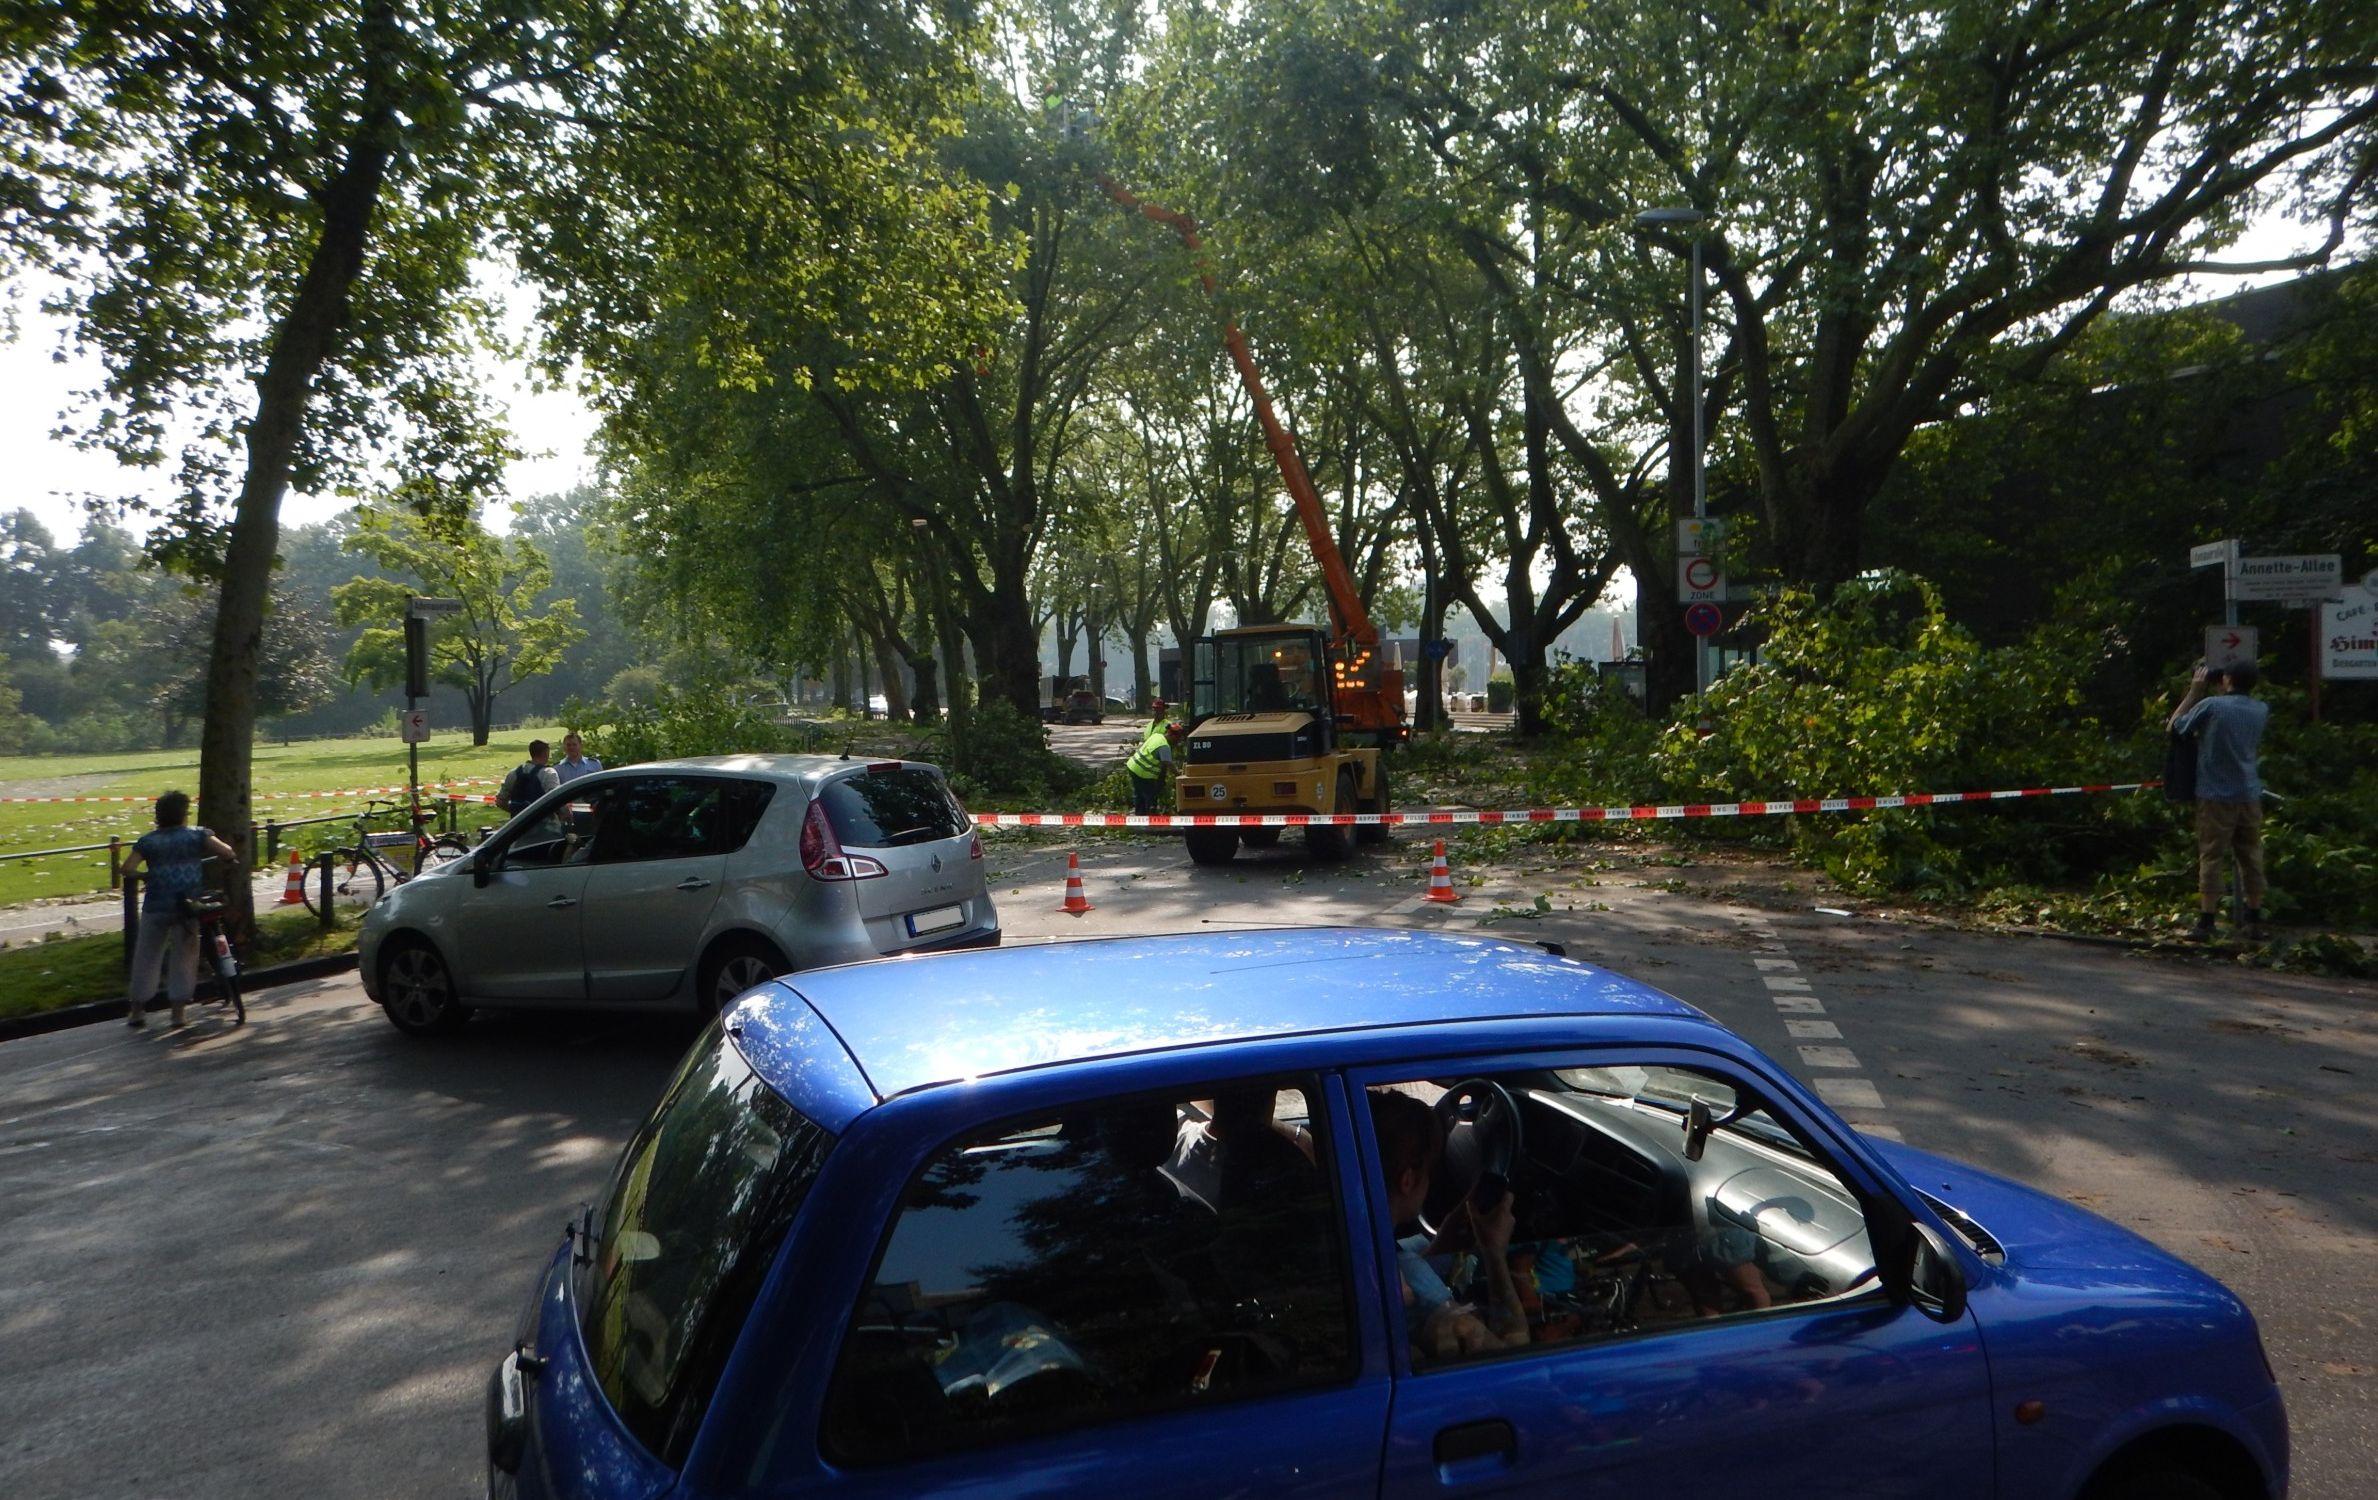 Starkregen 2014 in Münster, keine Durchfahrt zum Dammbalkensystem